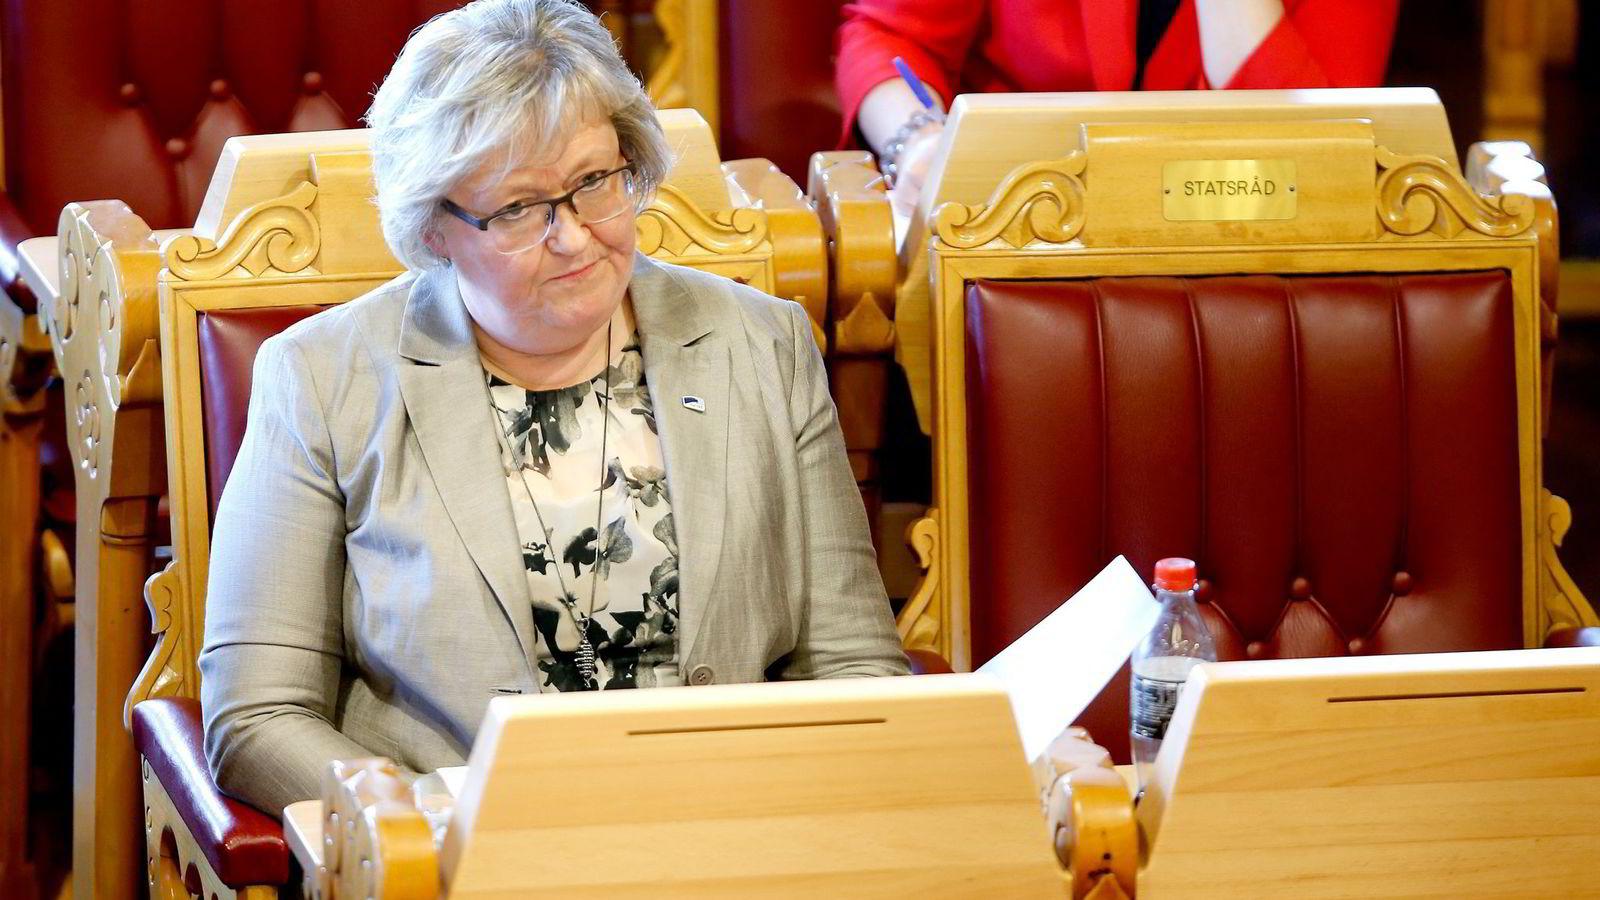 Artikkelforfatterne mener EØS-minister Elisabeth Aspaker og norske myndigheter ikke har innflytelse over Esas vedtak.